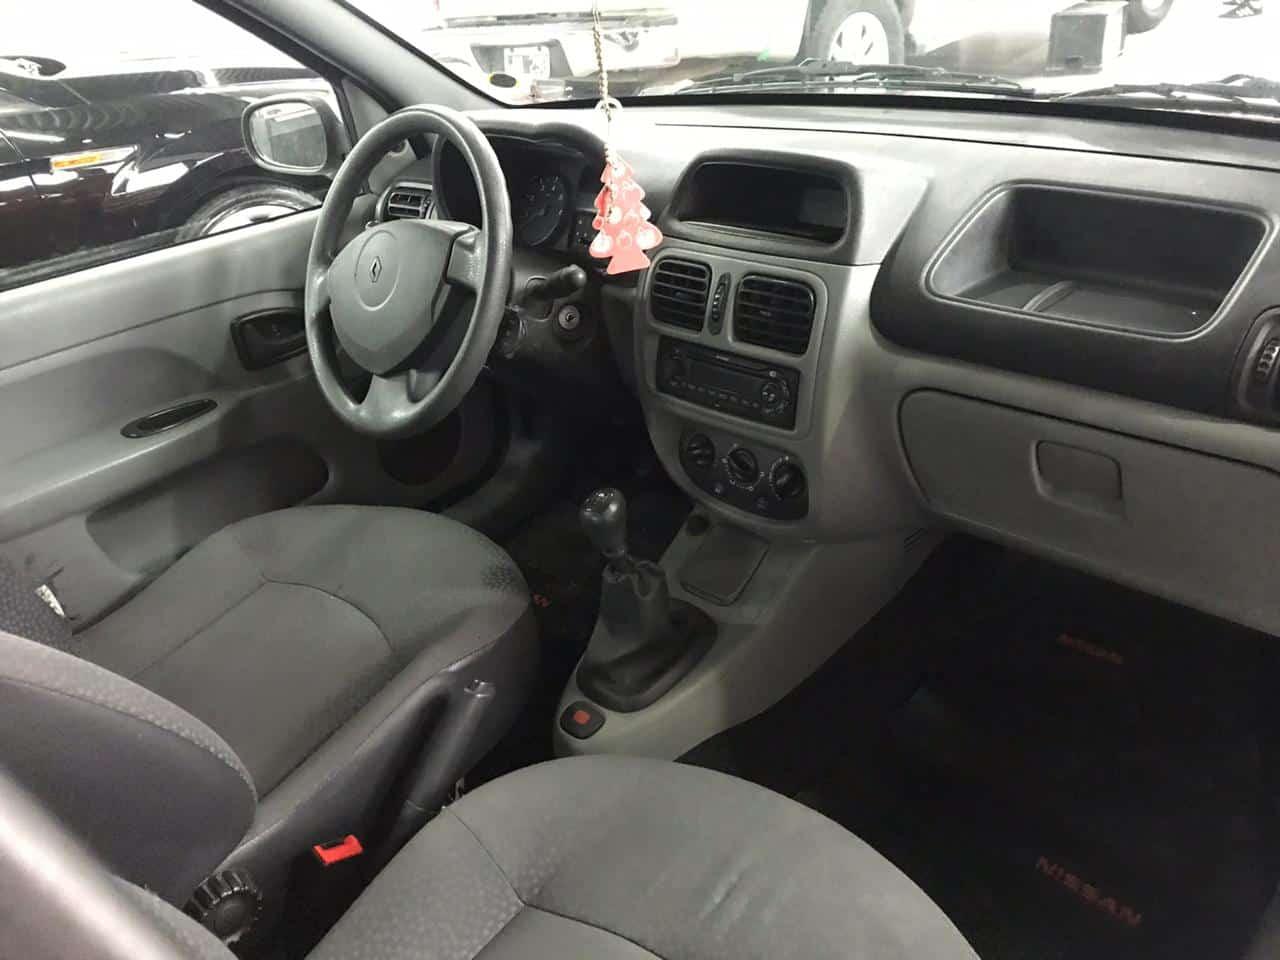 Clio 1.2 modelo 2011